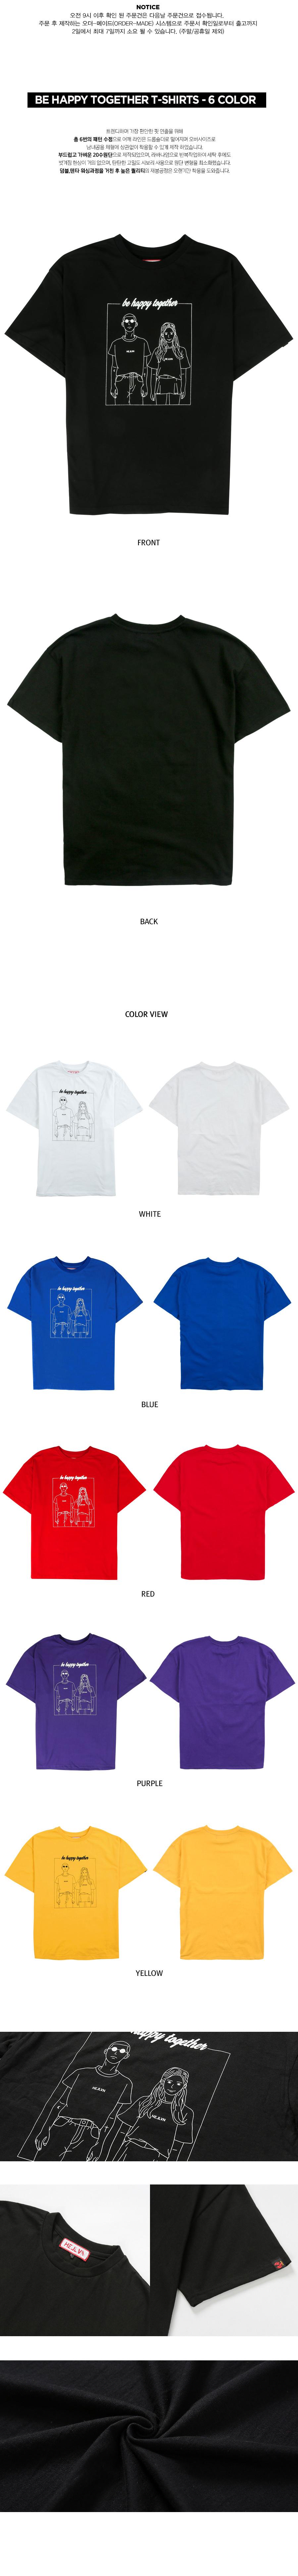 헬븐(HELLVN) BE HAPPY TOGETHER  T-Shirt Black - (SHTH8S-013)